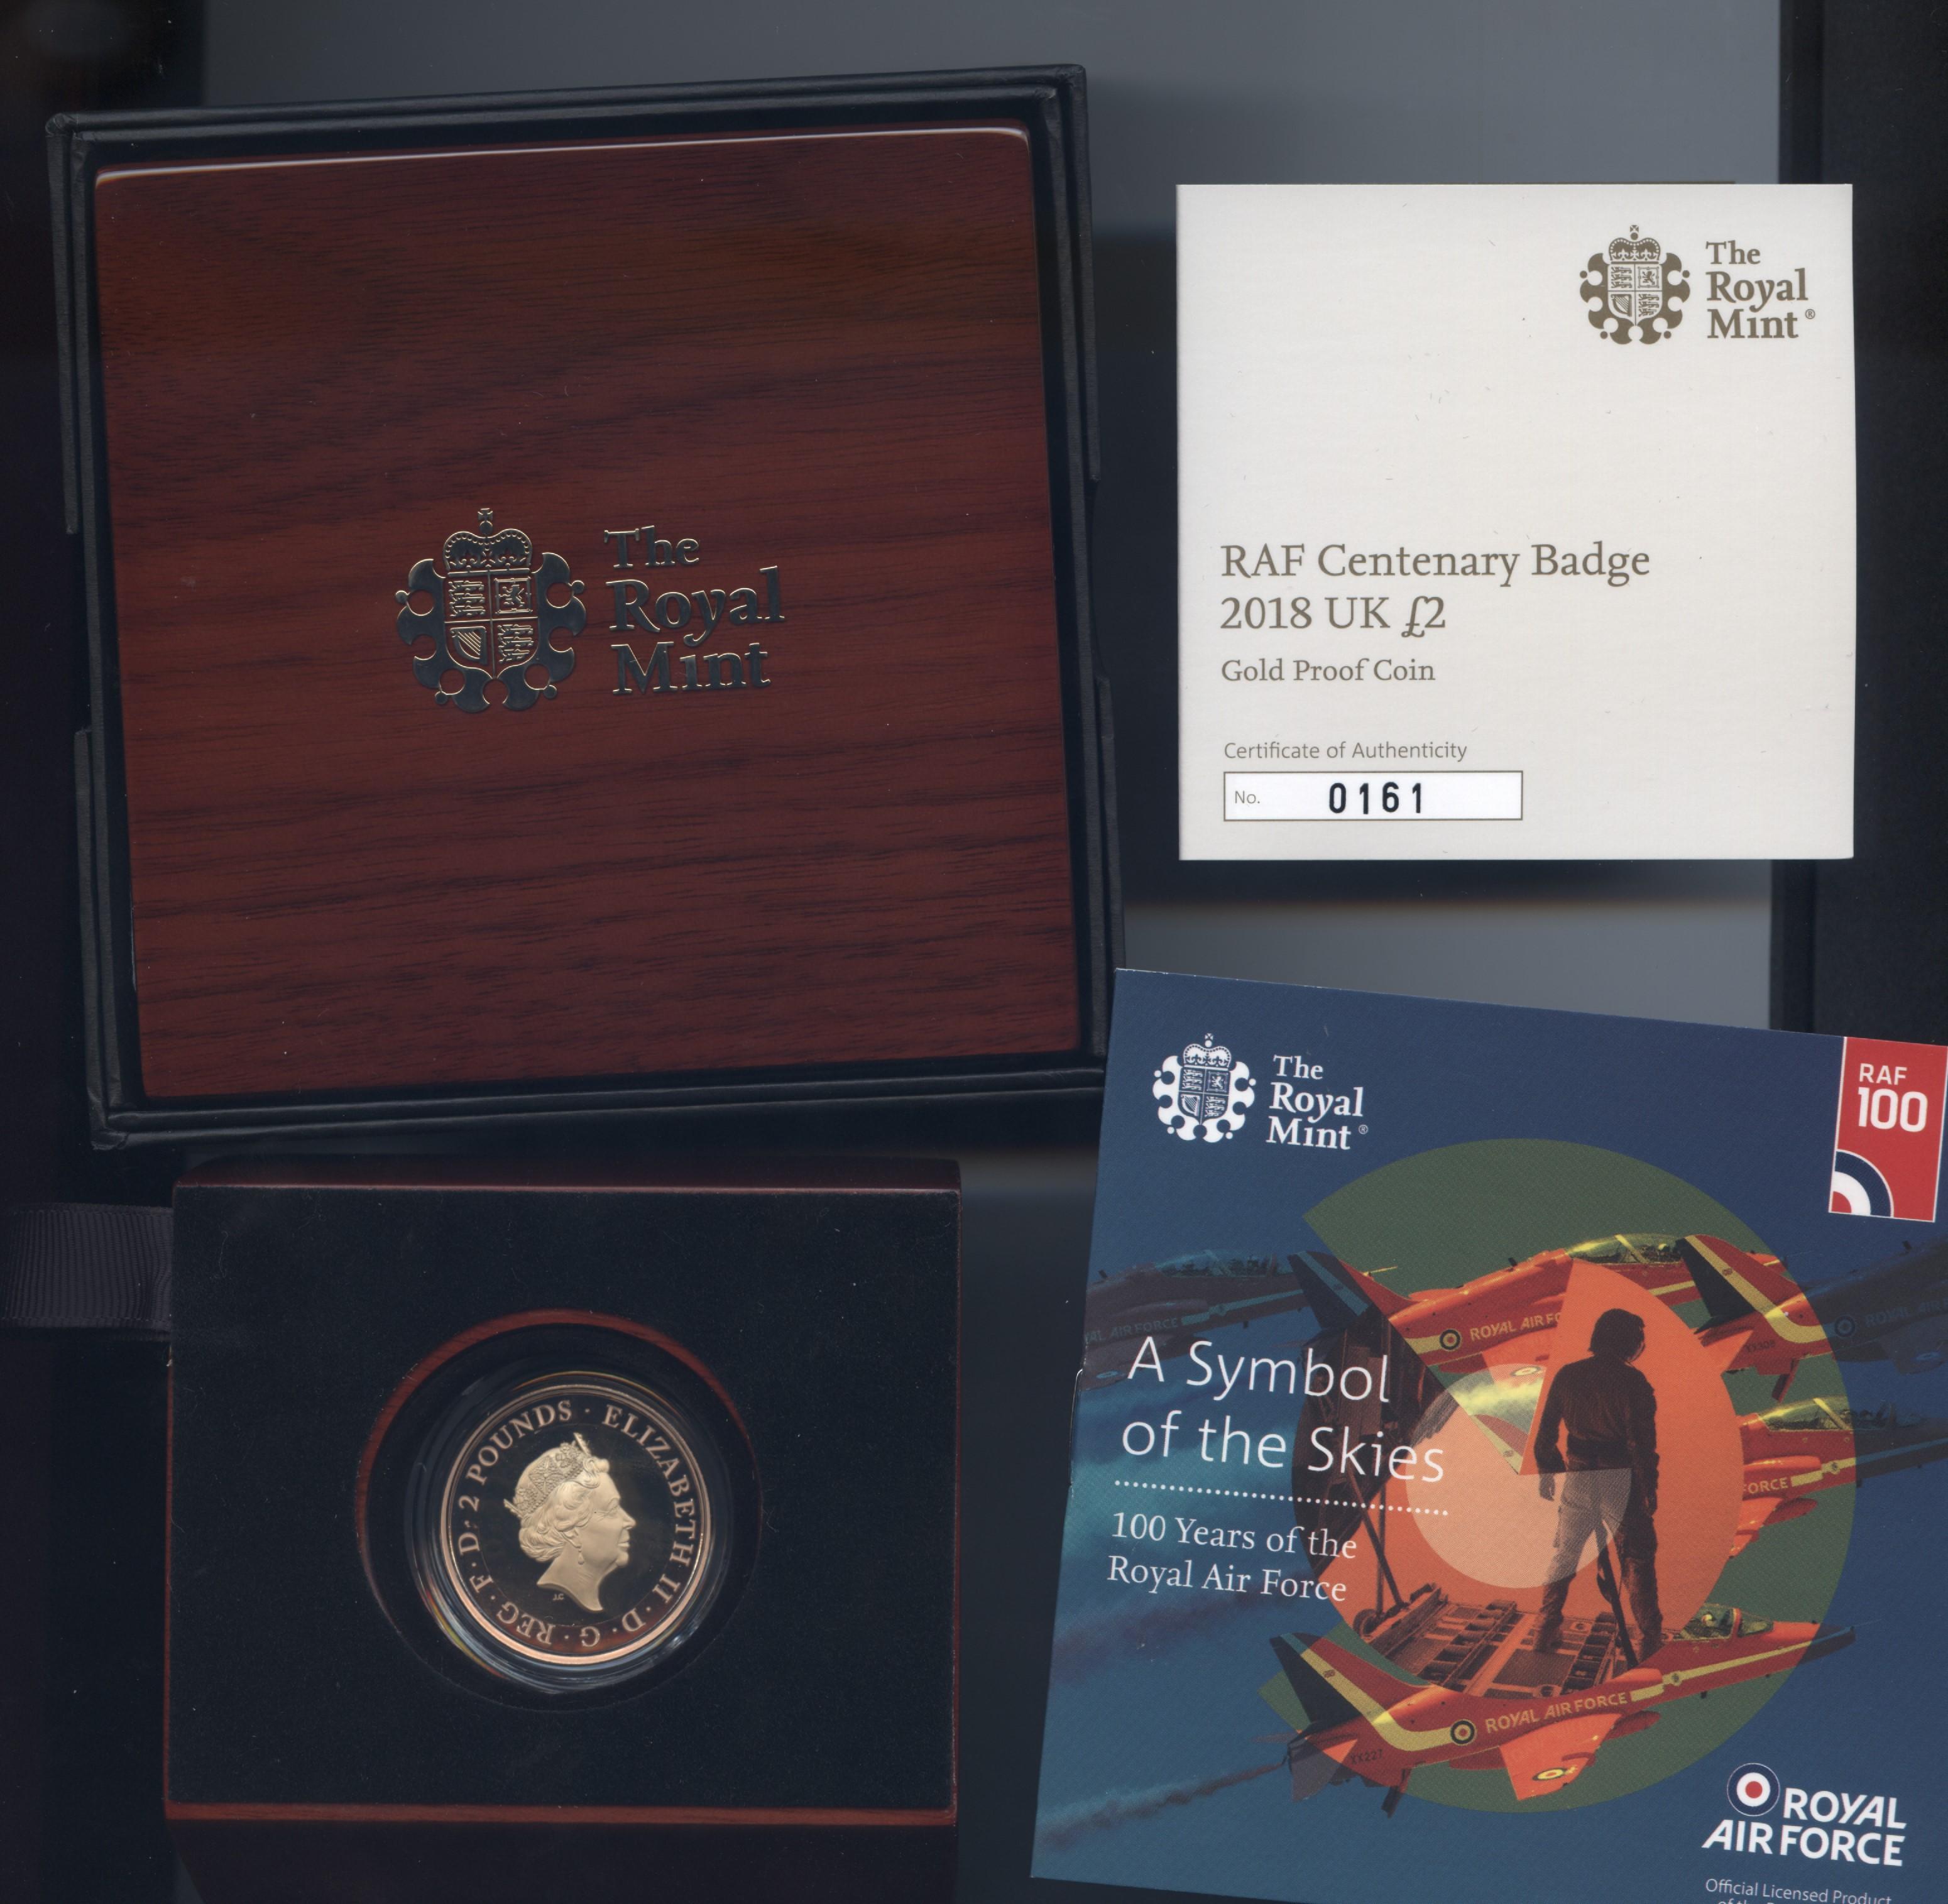 2018 raf badge obv